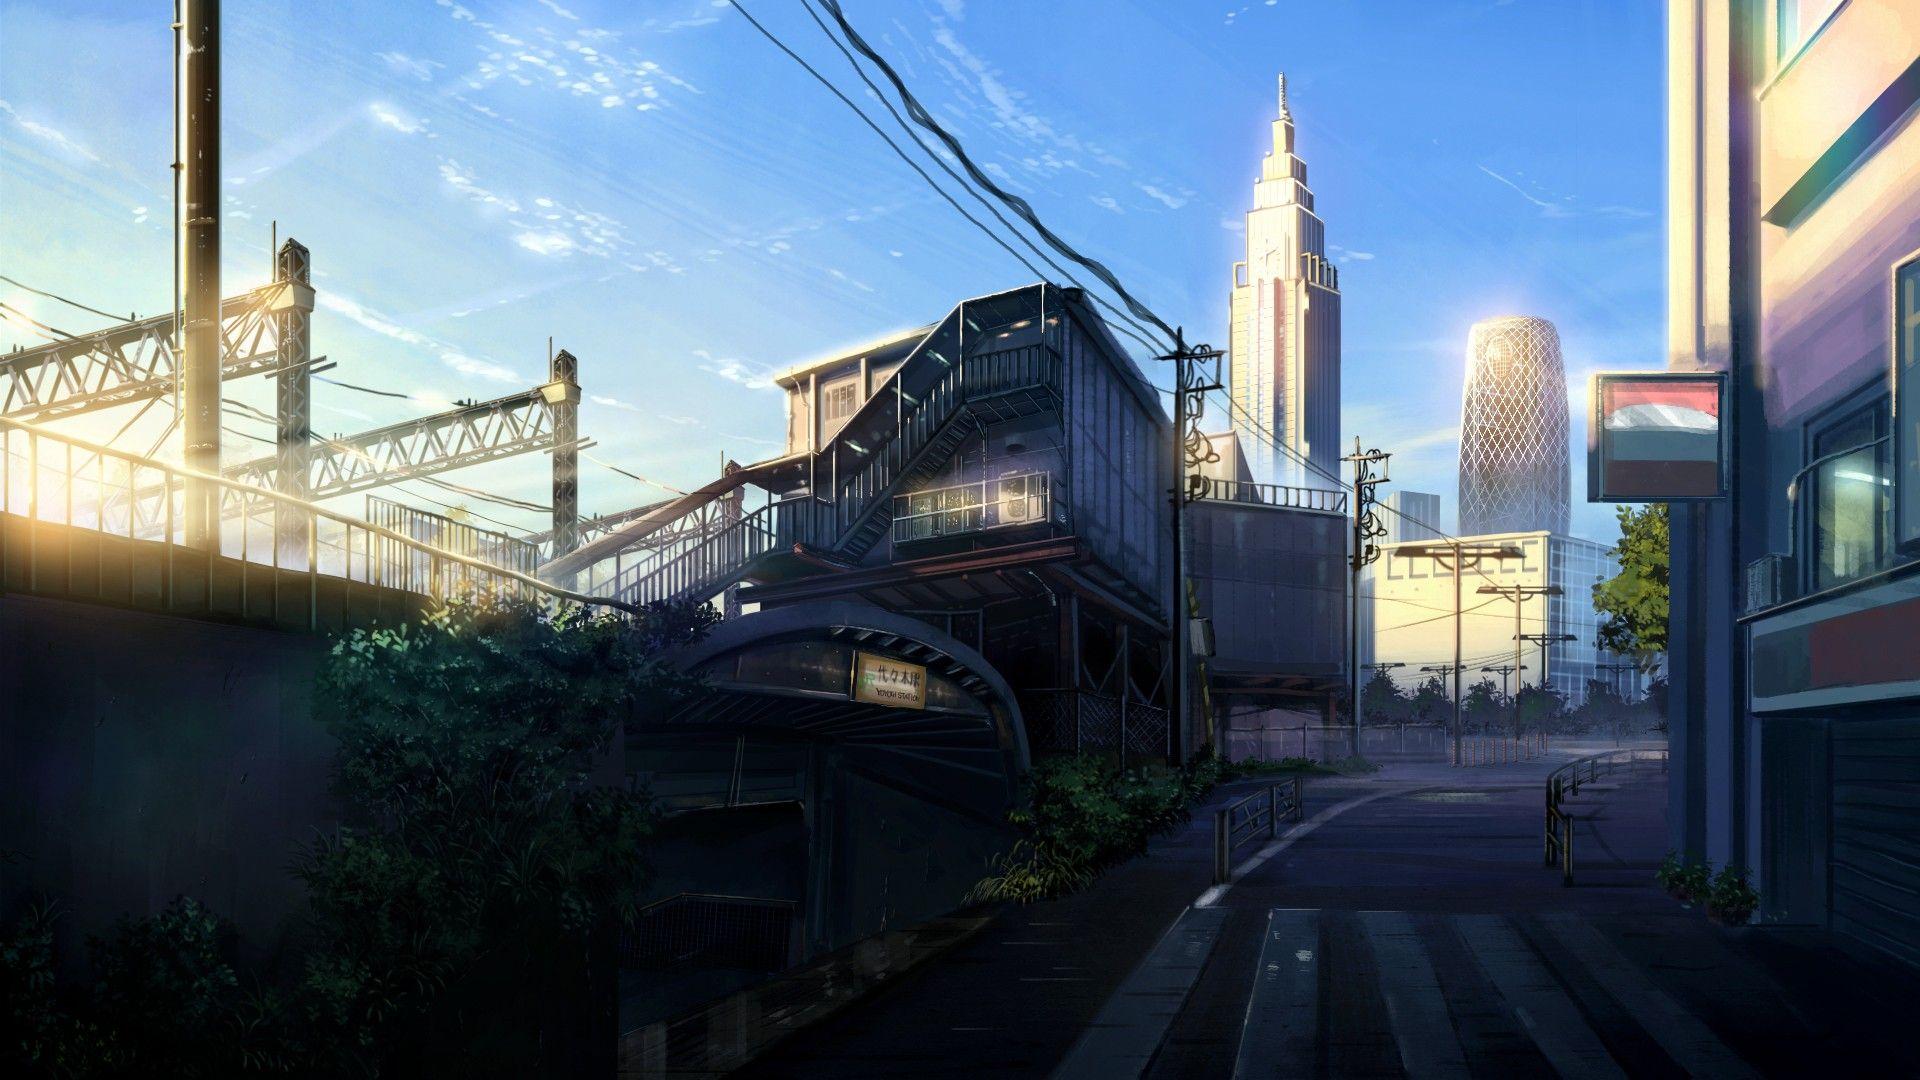 Anime City Scenery Anime Scenery